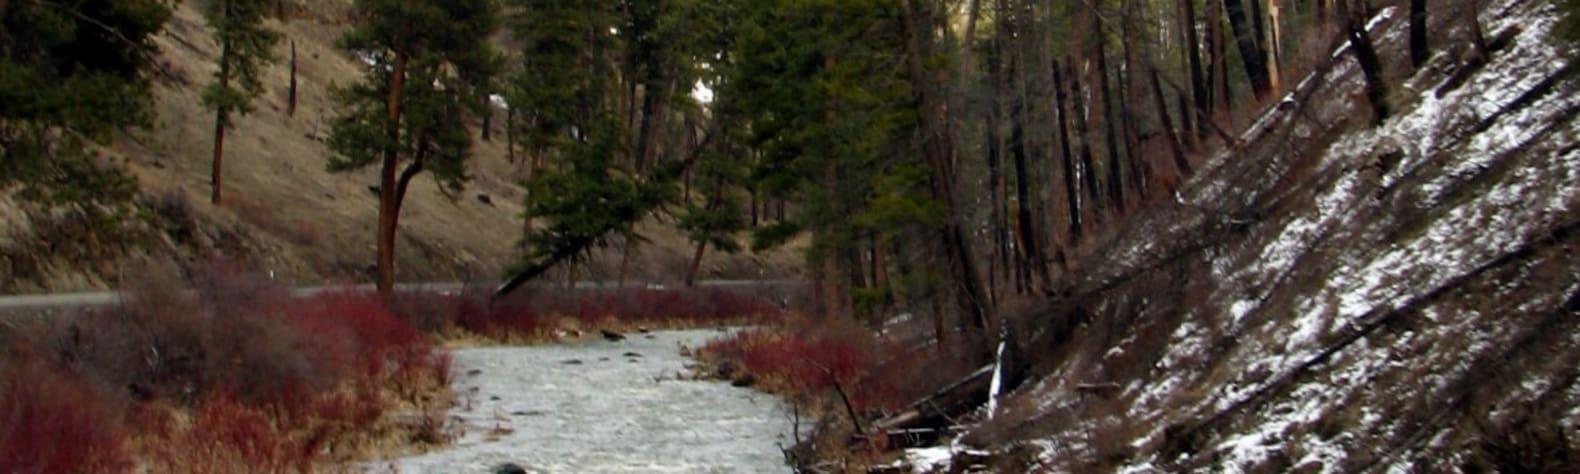 Ukiah-Dale Forest State Scenic Corridor